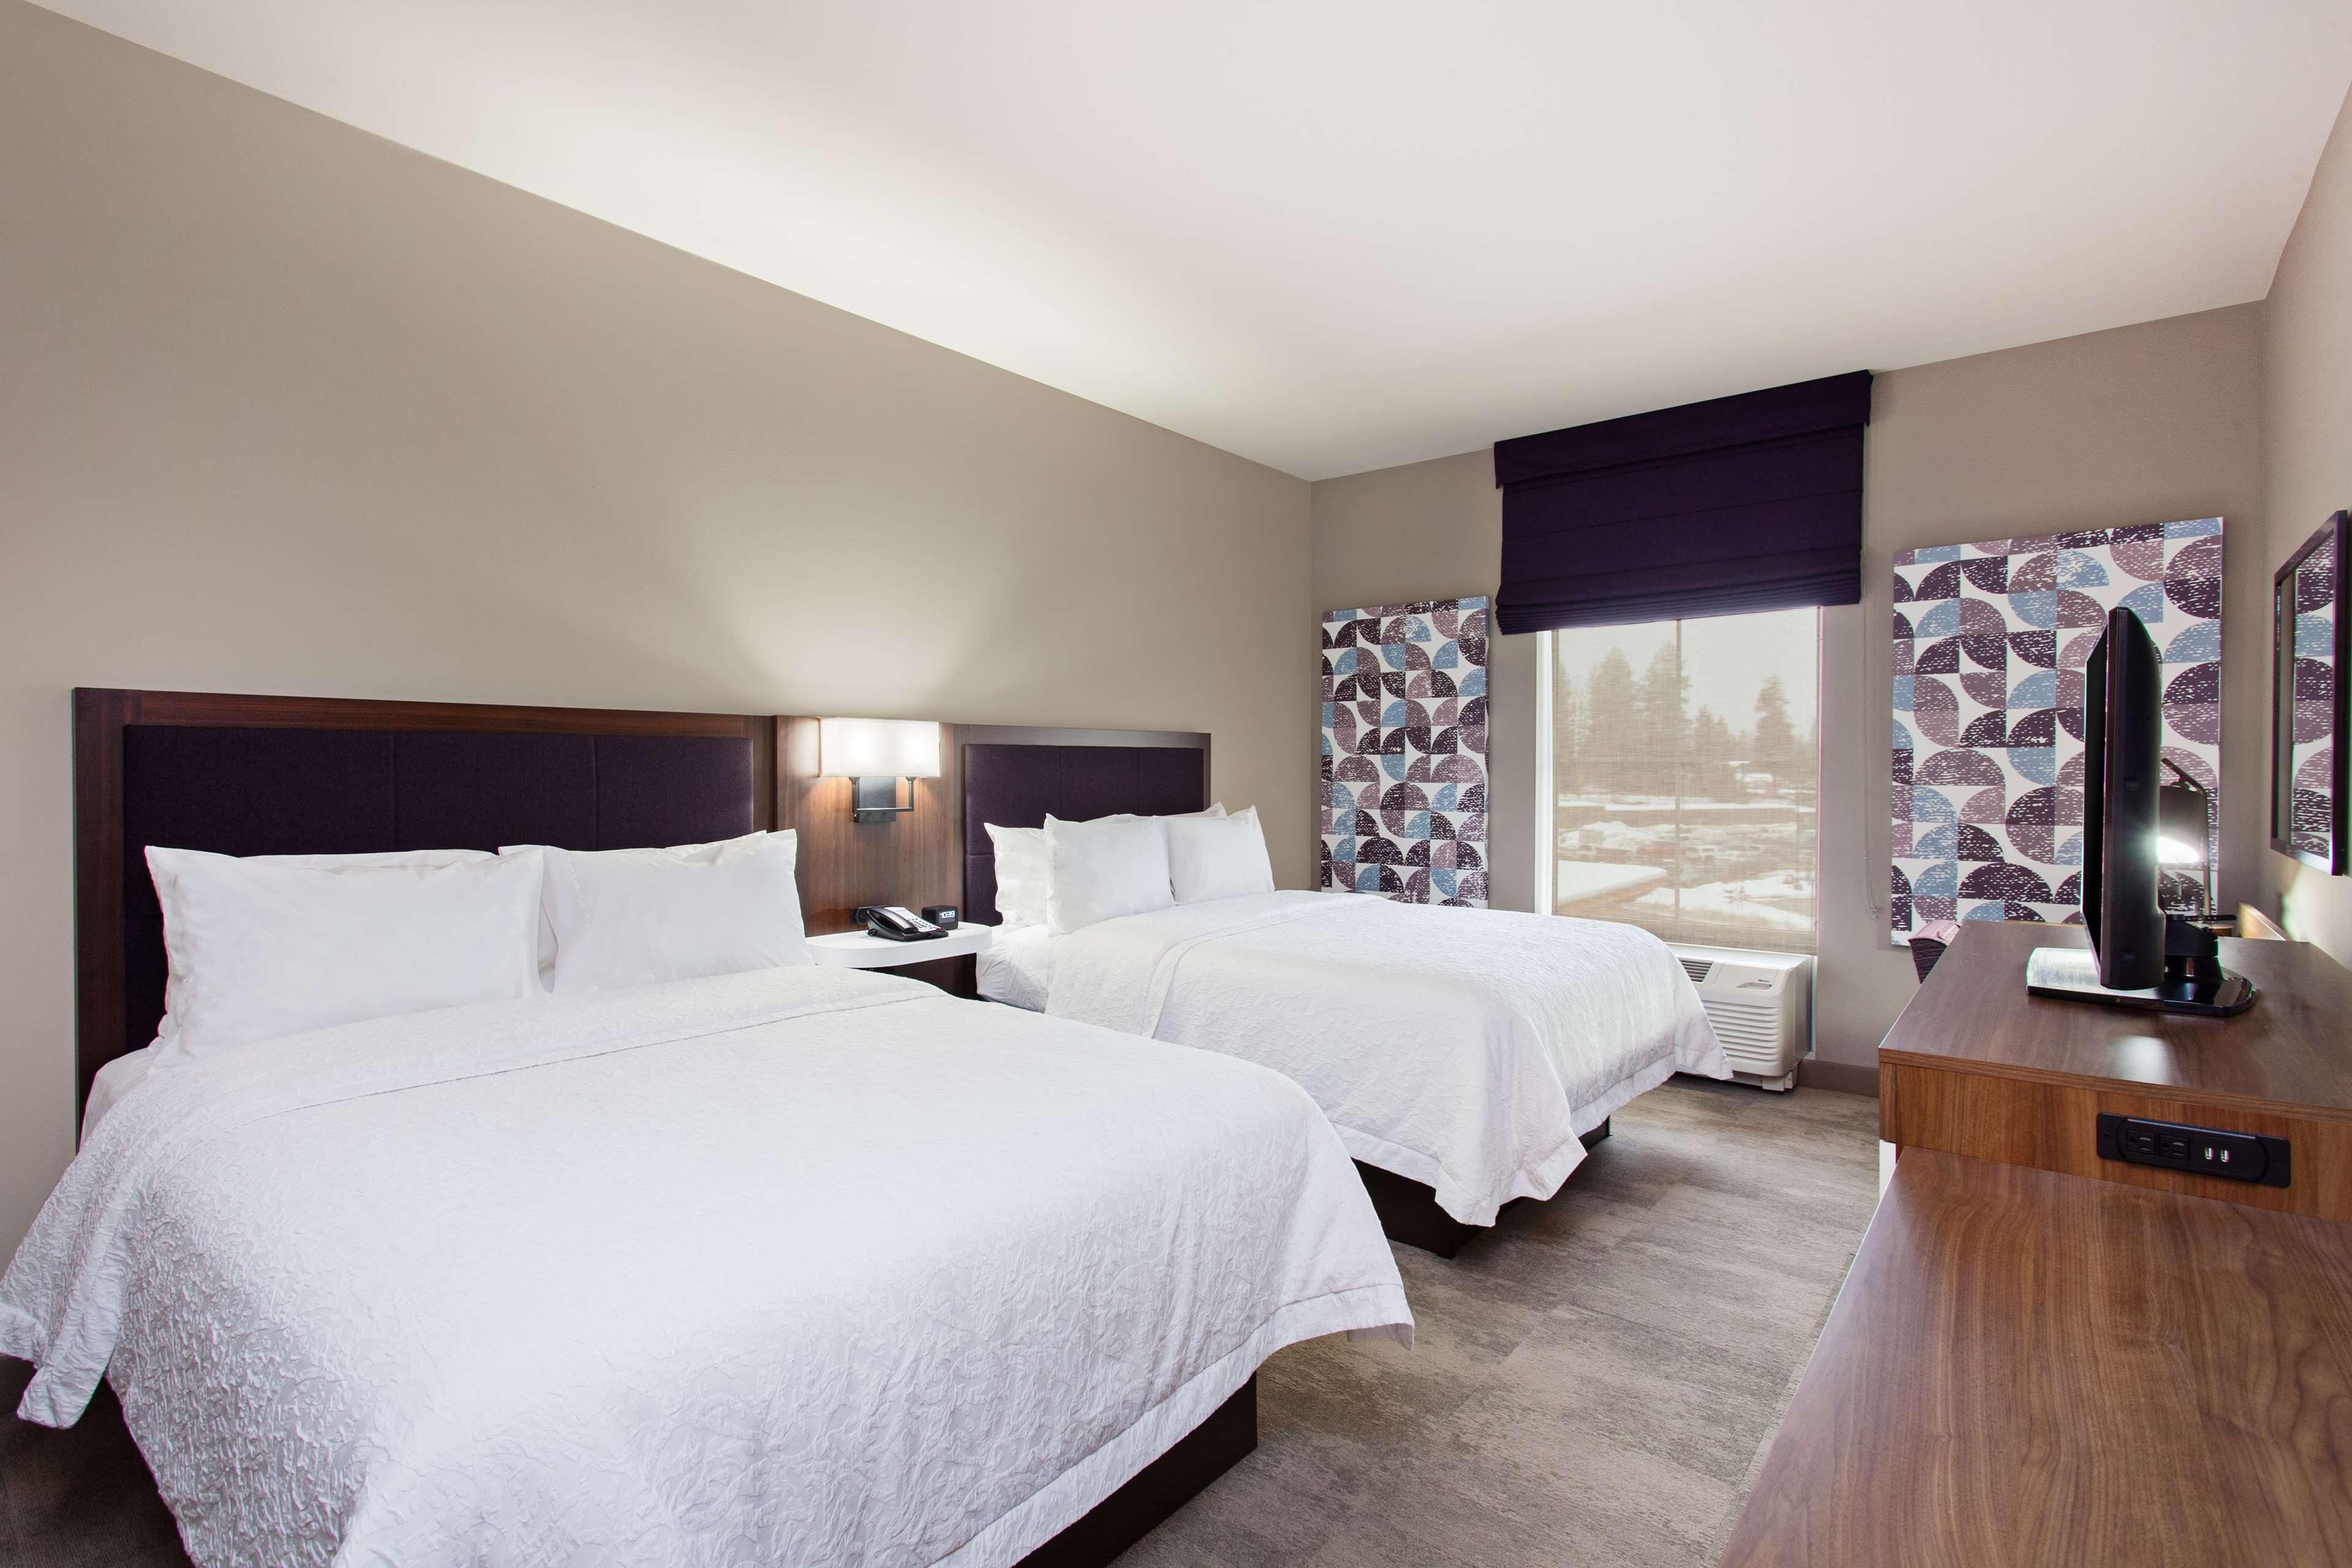 Hampton Inn & Suites Leavenworth image 21